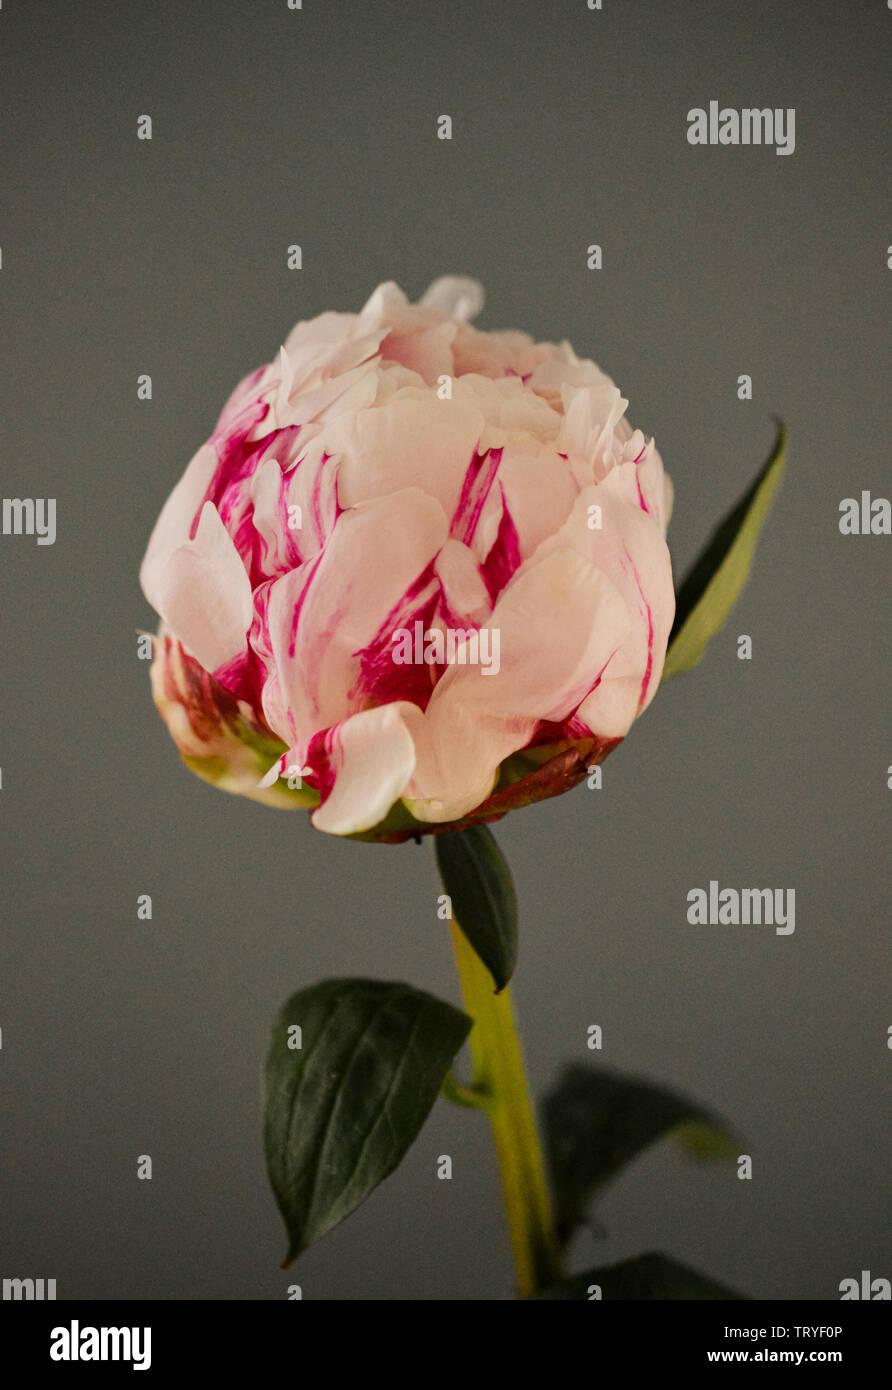 Cierre de un solo color rosa pálido a rosa oscuro con pétalos de Peonía Paeony guardia o de la familia Paeoniaceae Foto de stock